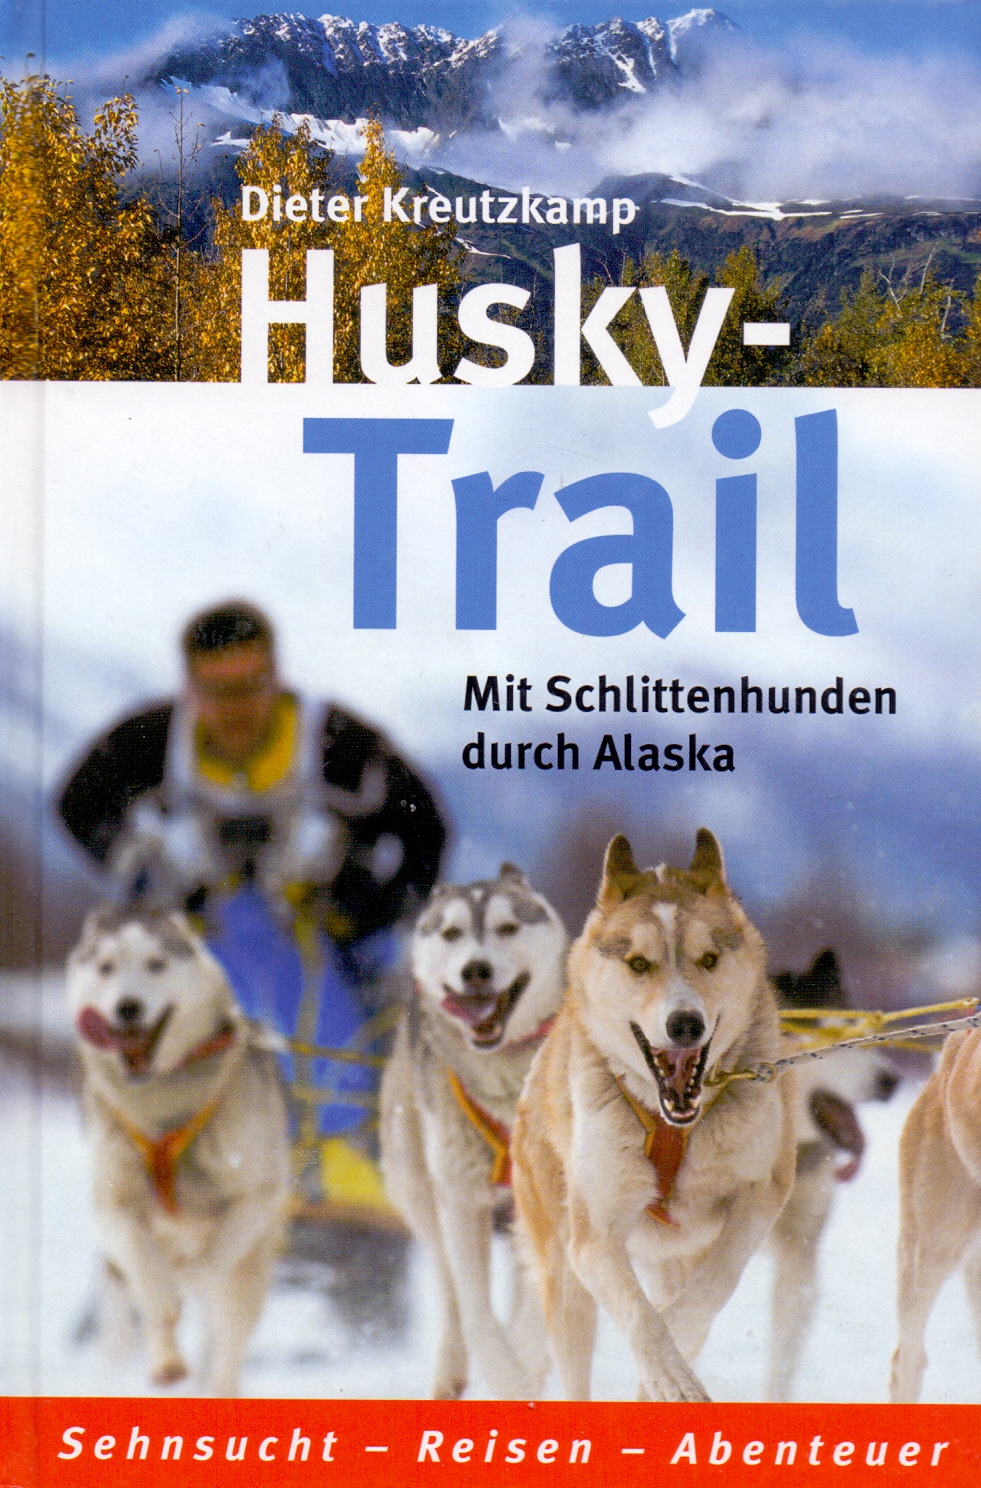 Sehnsucht, Reisen, Abenteuer: Husky-Trail - Mit Schlittenhunden durch Alaska - Dieter Kreutzkamp [Edition Horizonte, Gebundene Ausgabe, Weltbild]